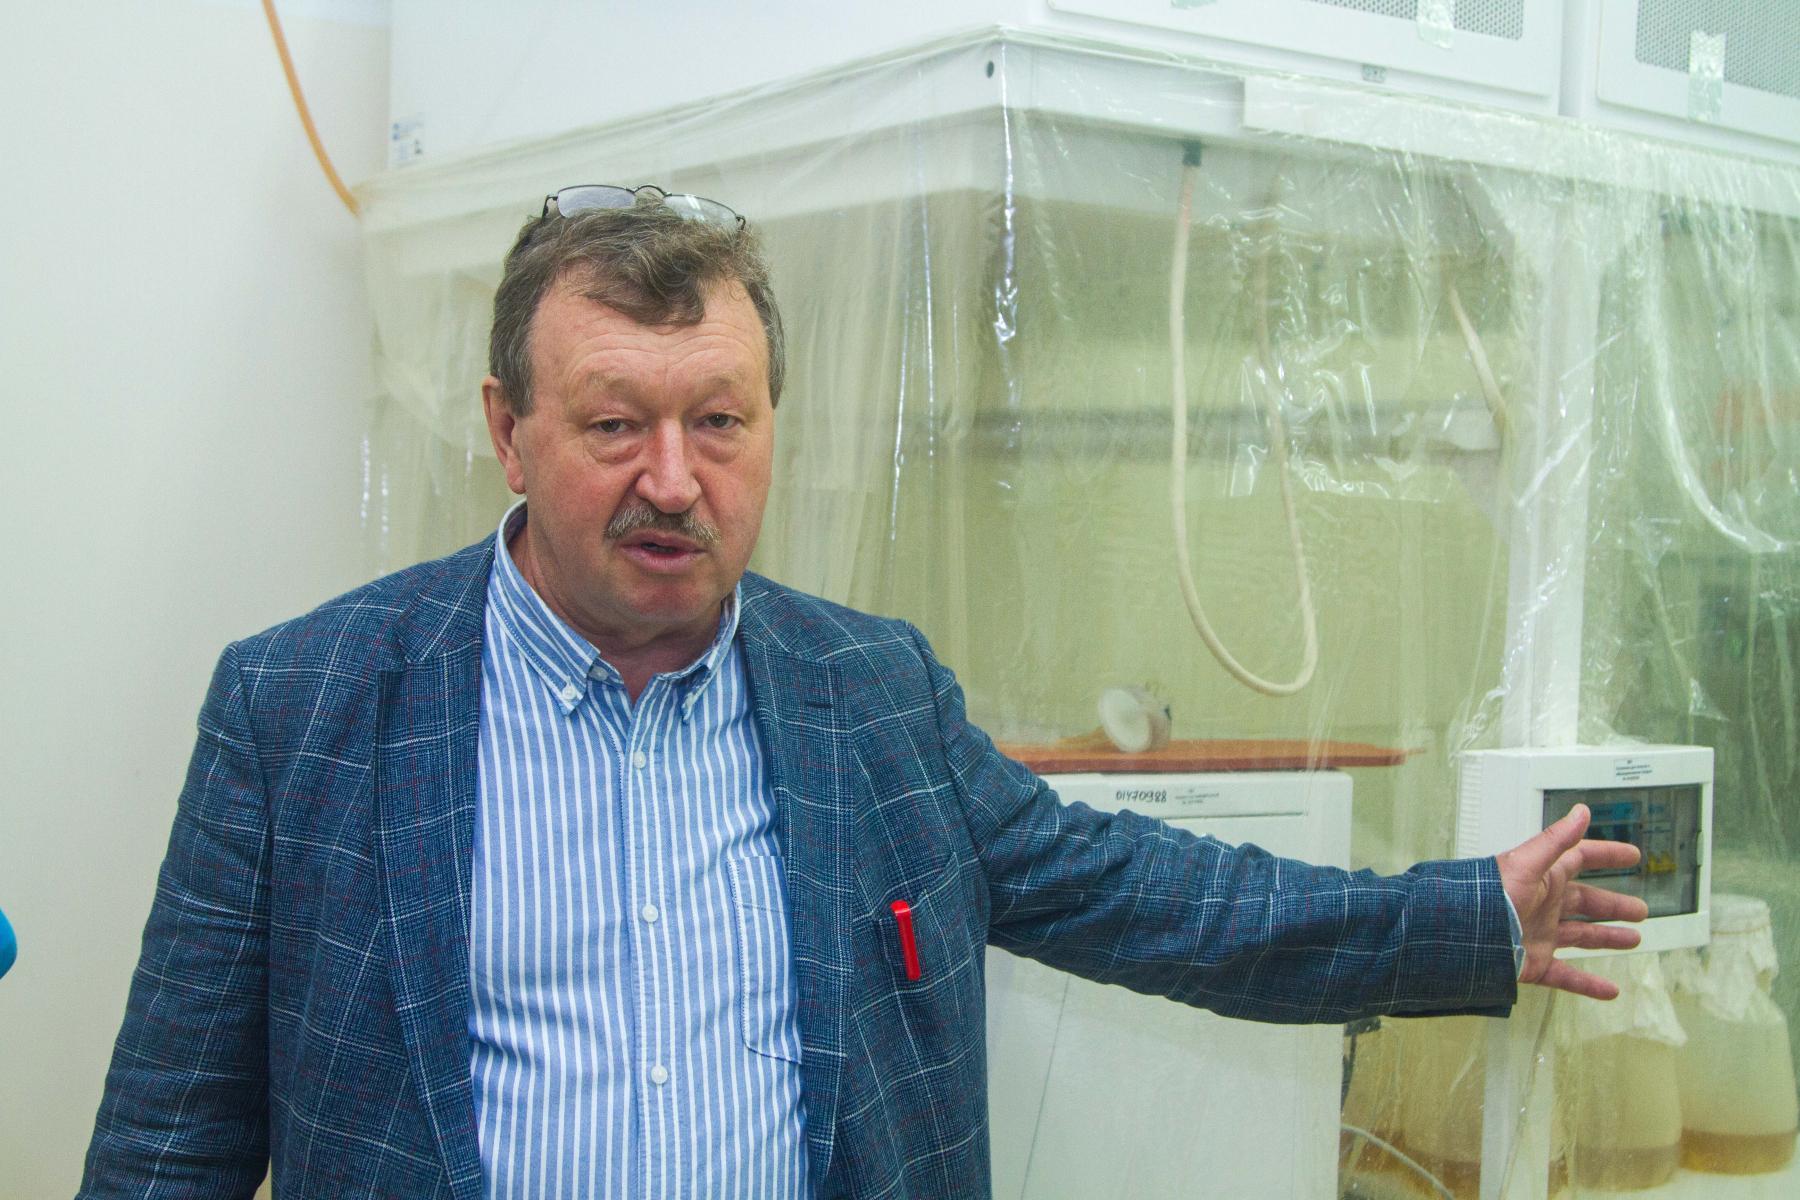 фото Лекарство от рака: учёные в Новосибирске завершили доклинические испытания нового препарата 2